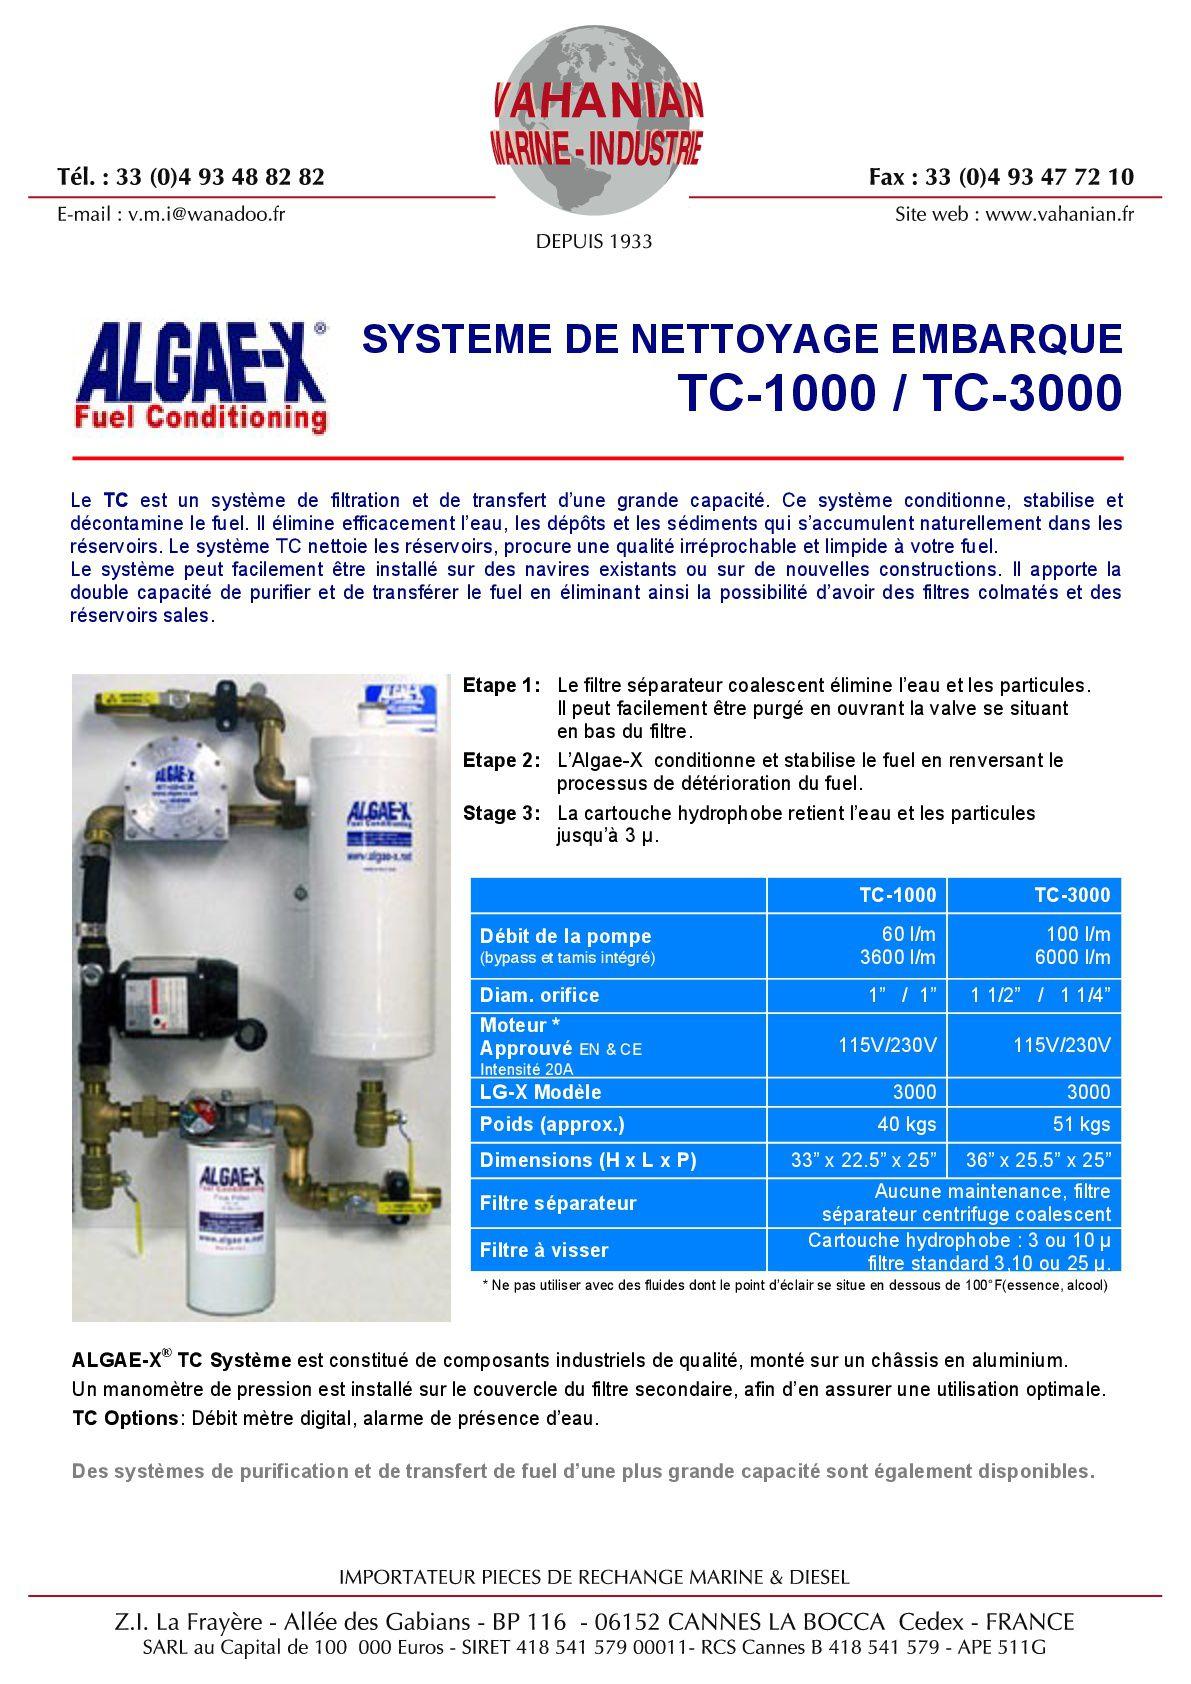 Document sur la purification de gasoil Algae-X.